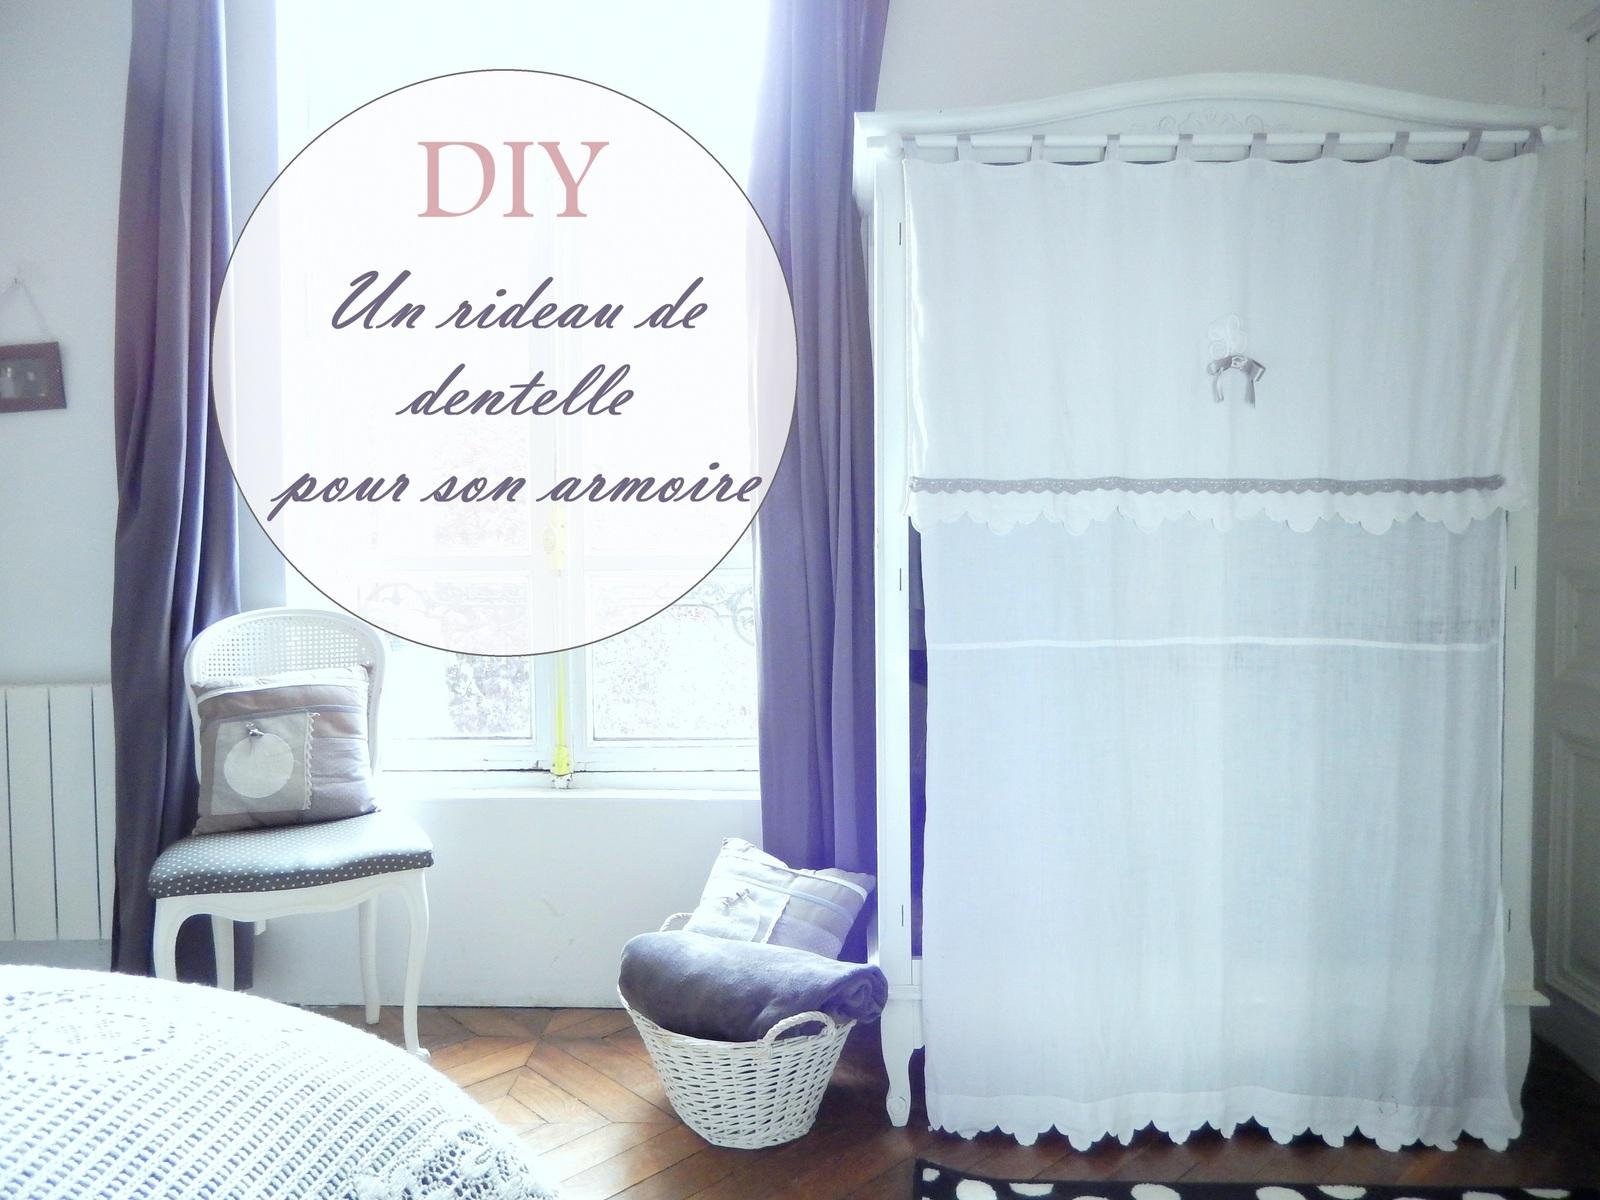 Comment Customiser Une Armoire diy un rideau avec de la dentelle pour son armoire - blog